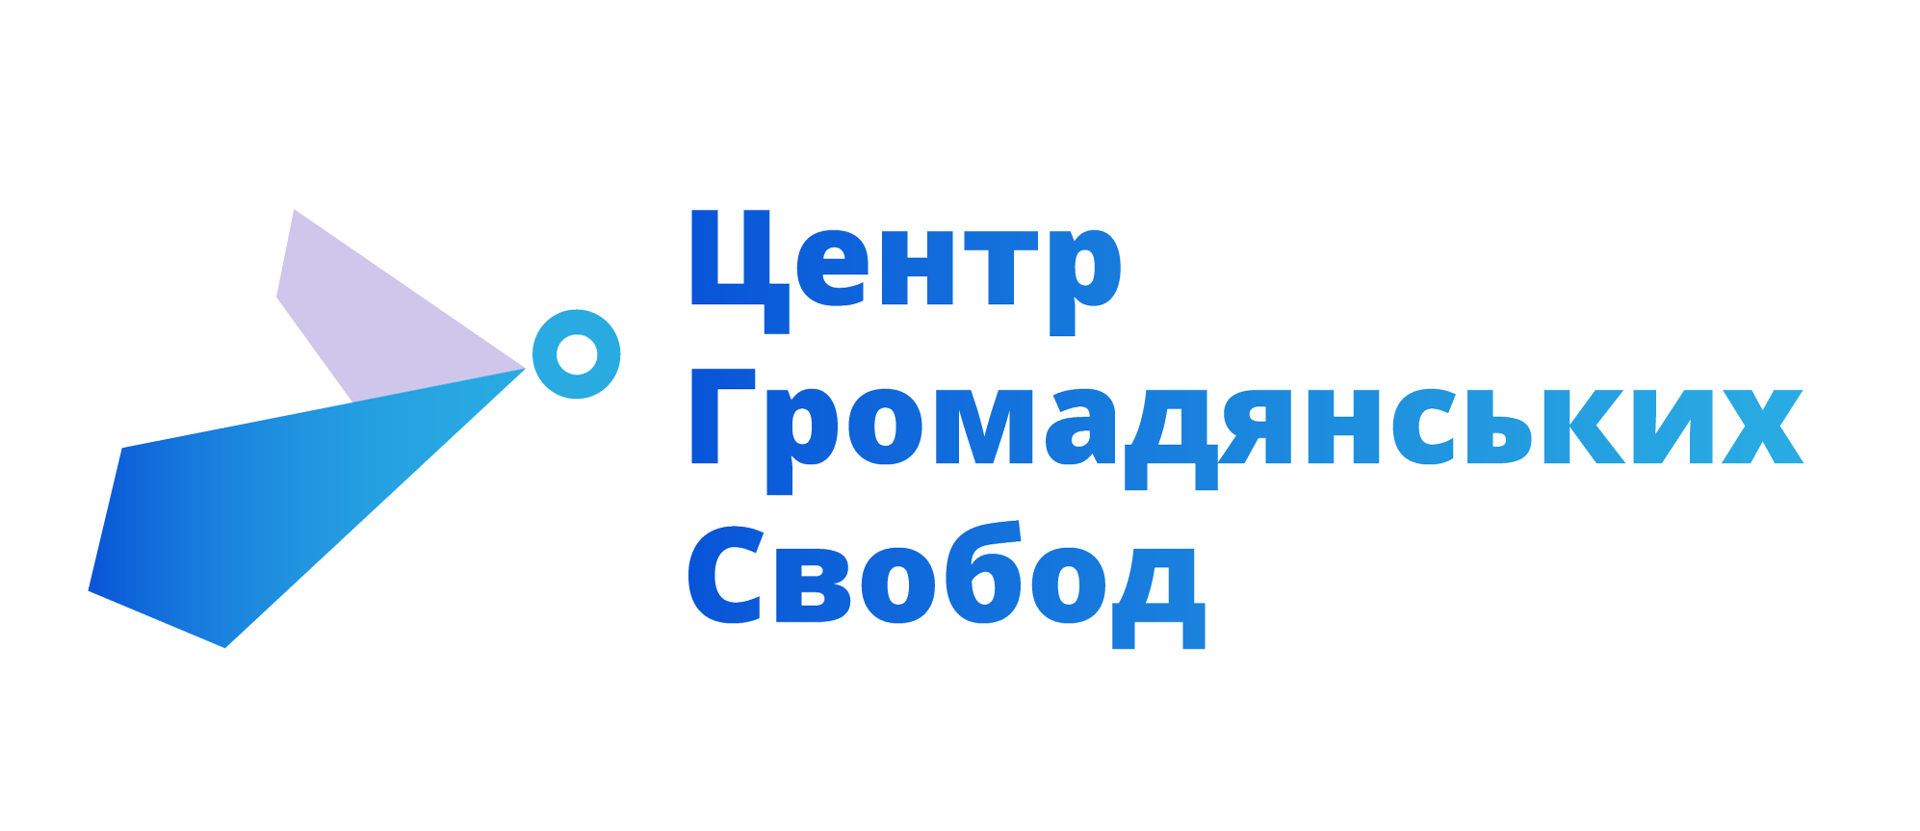 Центр громадянських свобод